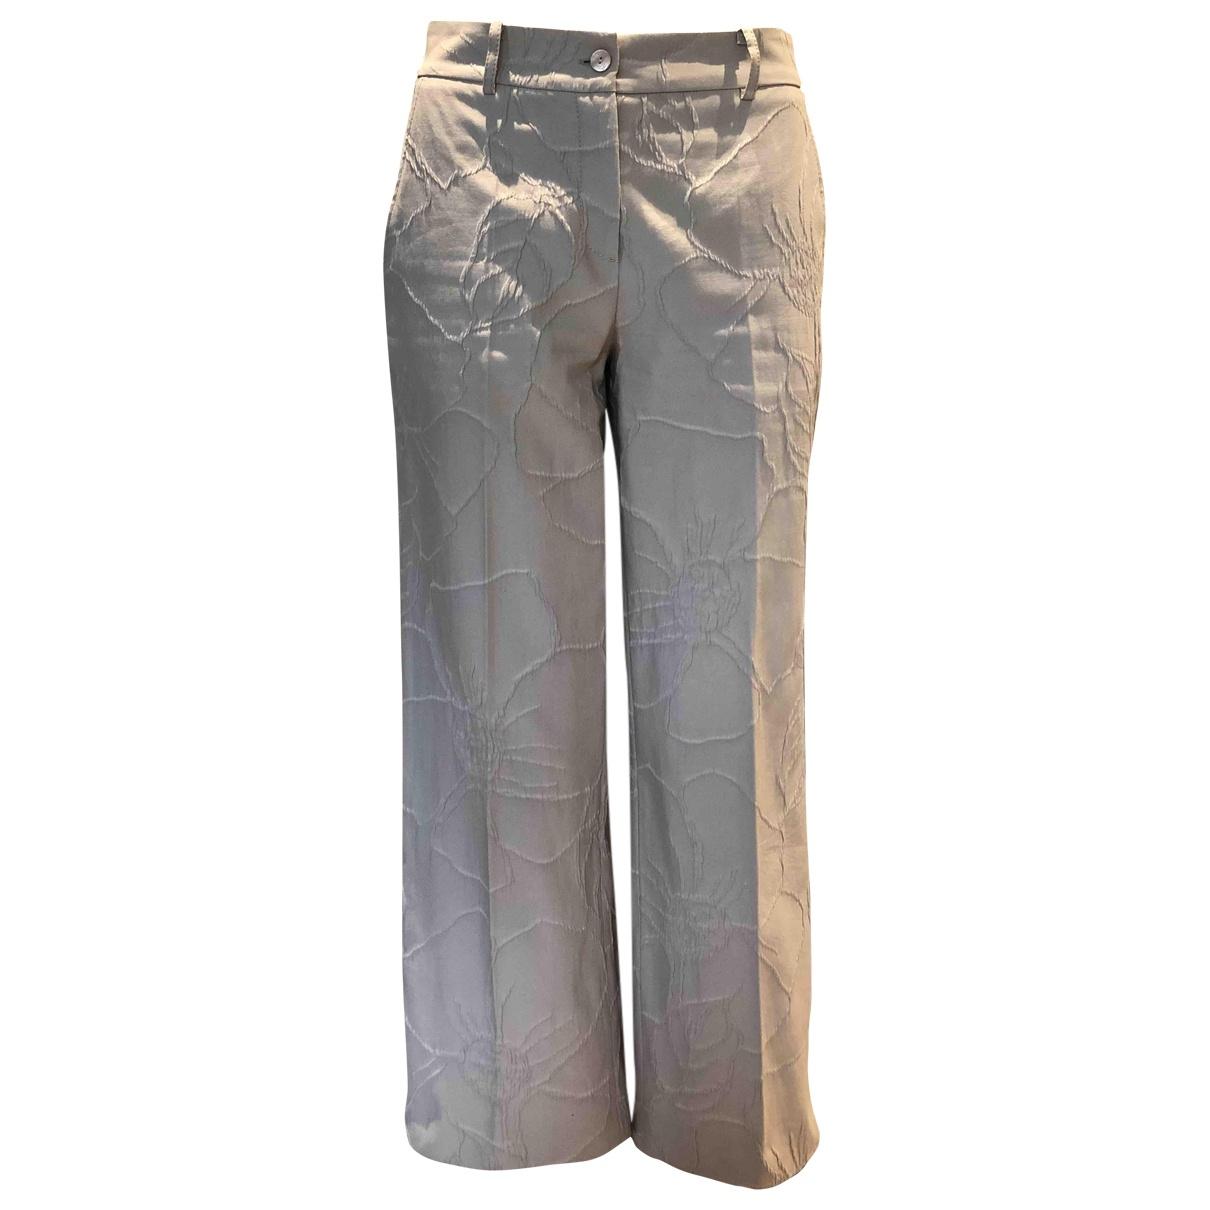 Pantalon en Algodon Crudo Blumarine